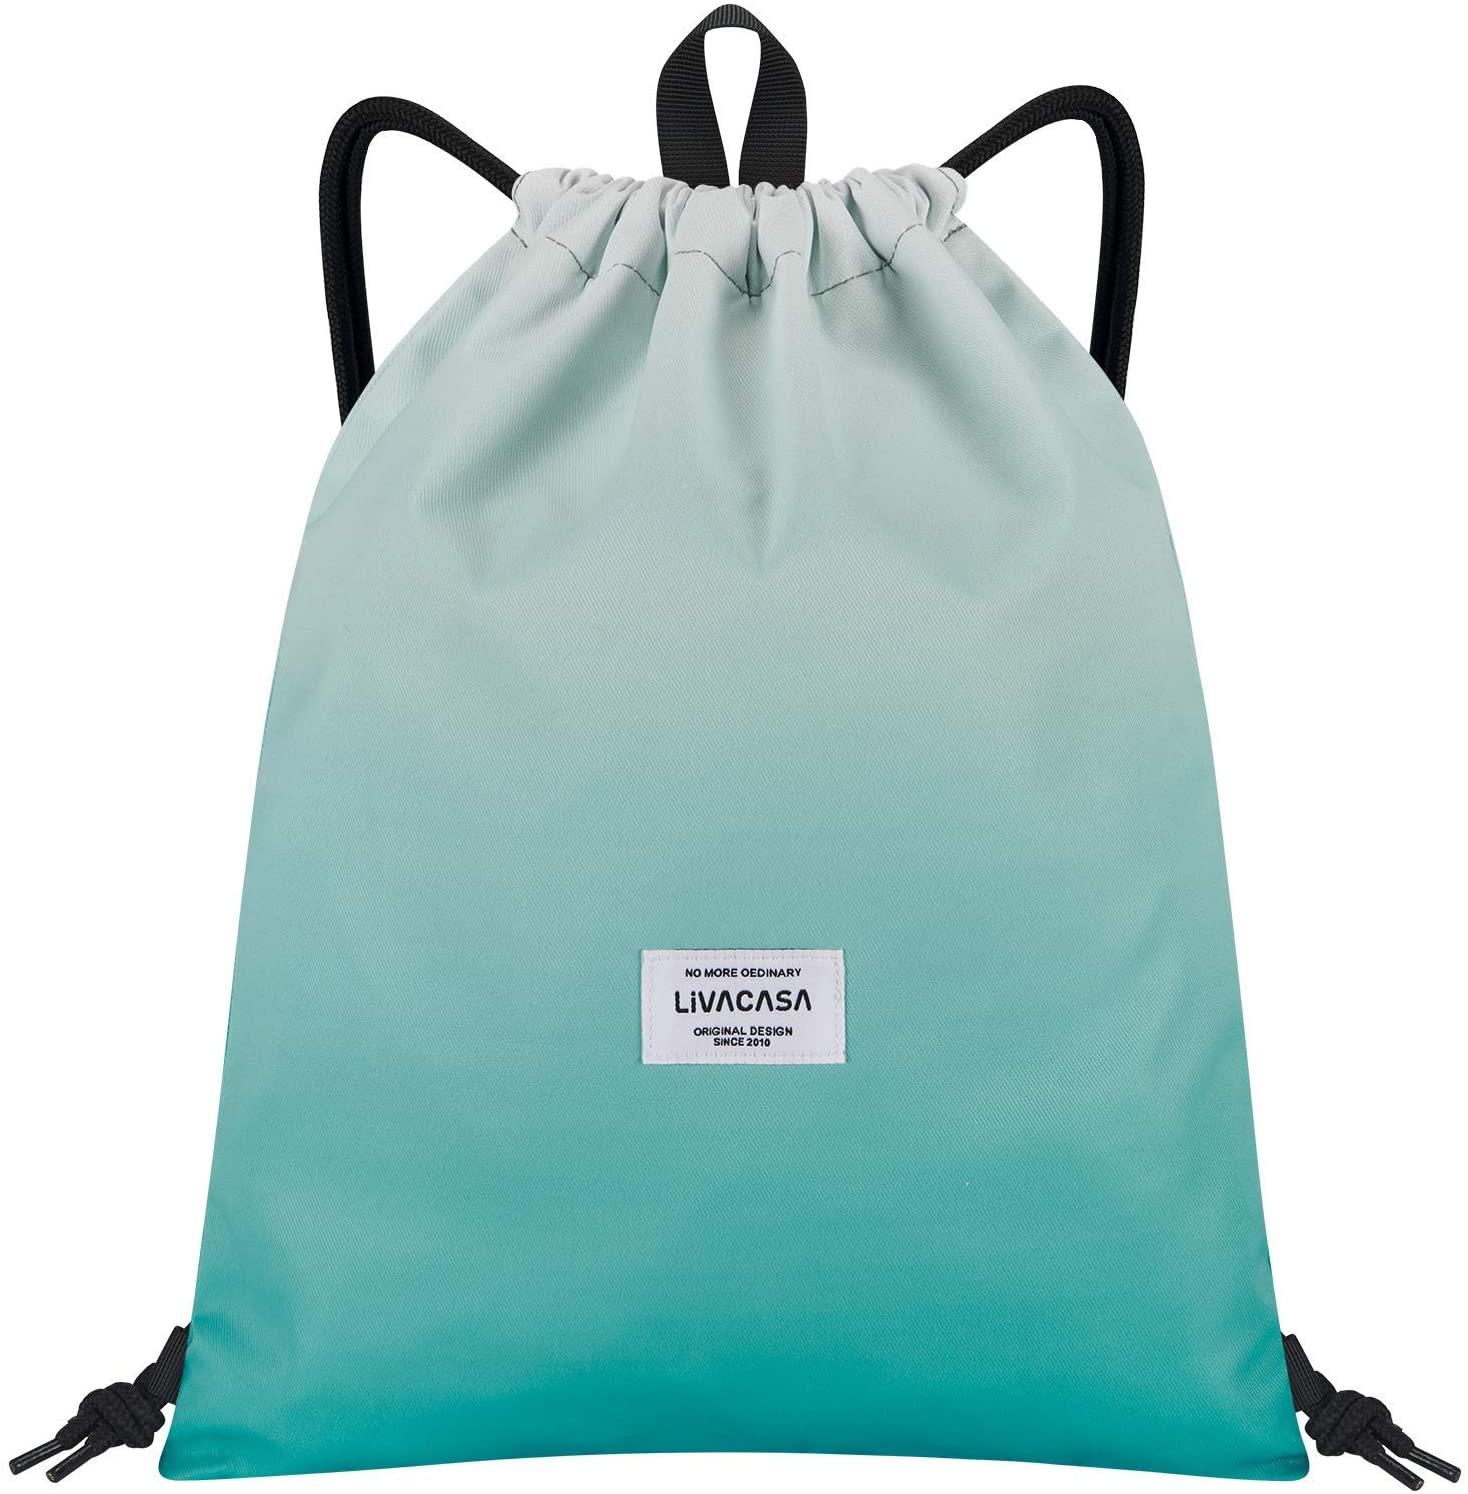 LIVACASA Drawstrings Backpacks Bags for Men Women Kids Gym Drawstrings Bag